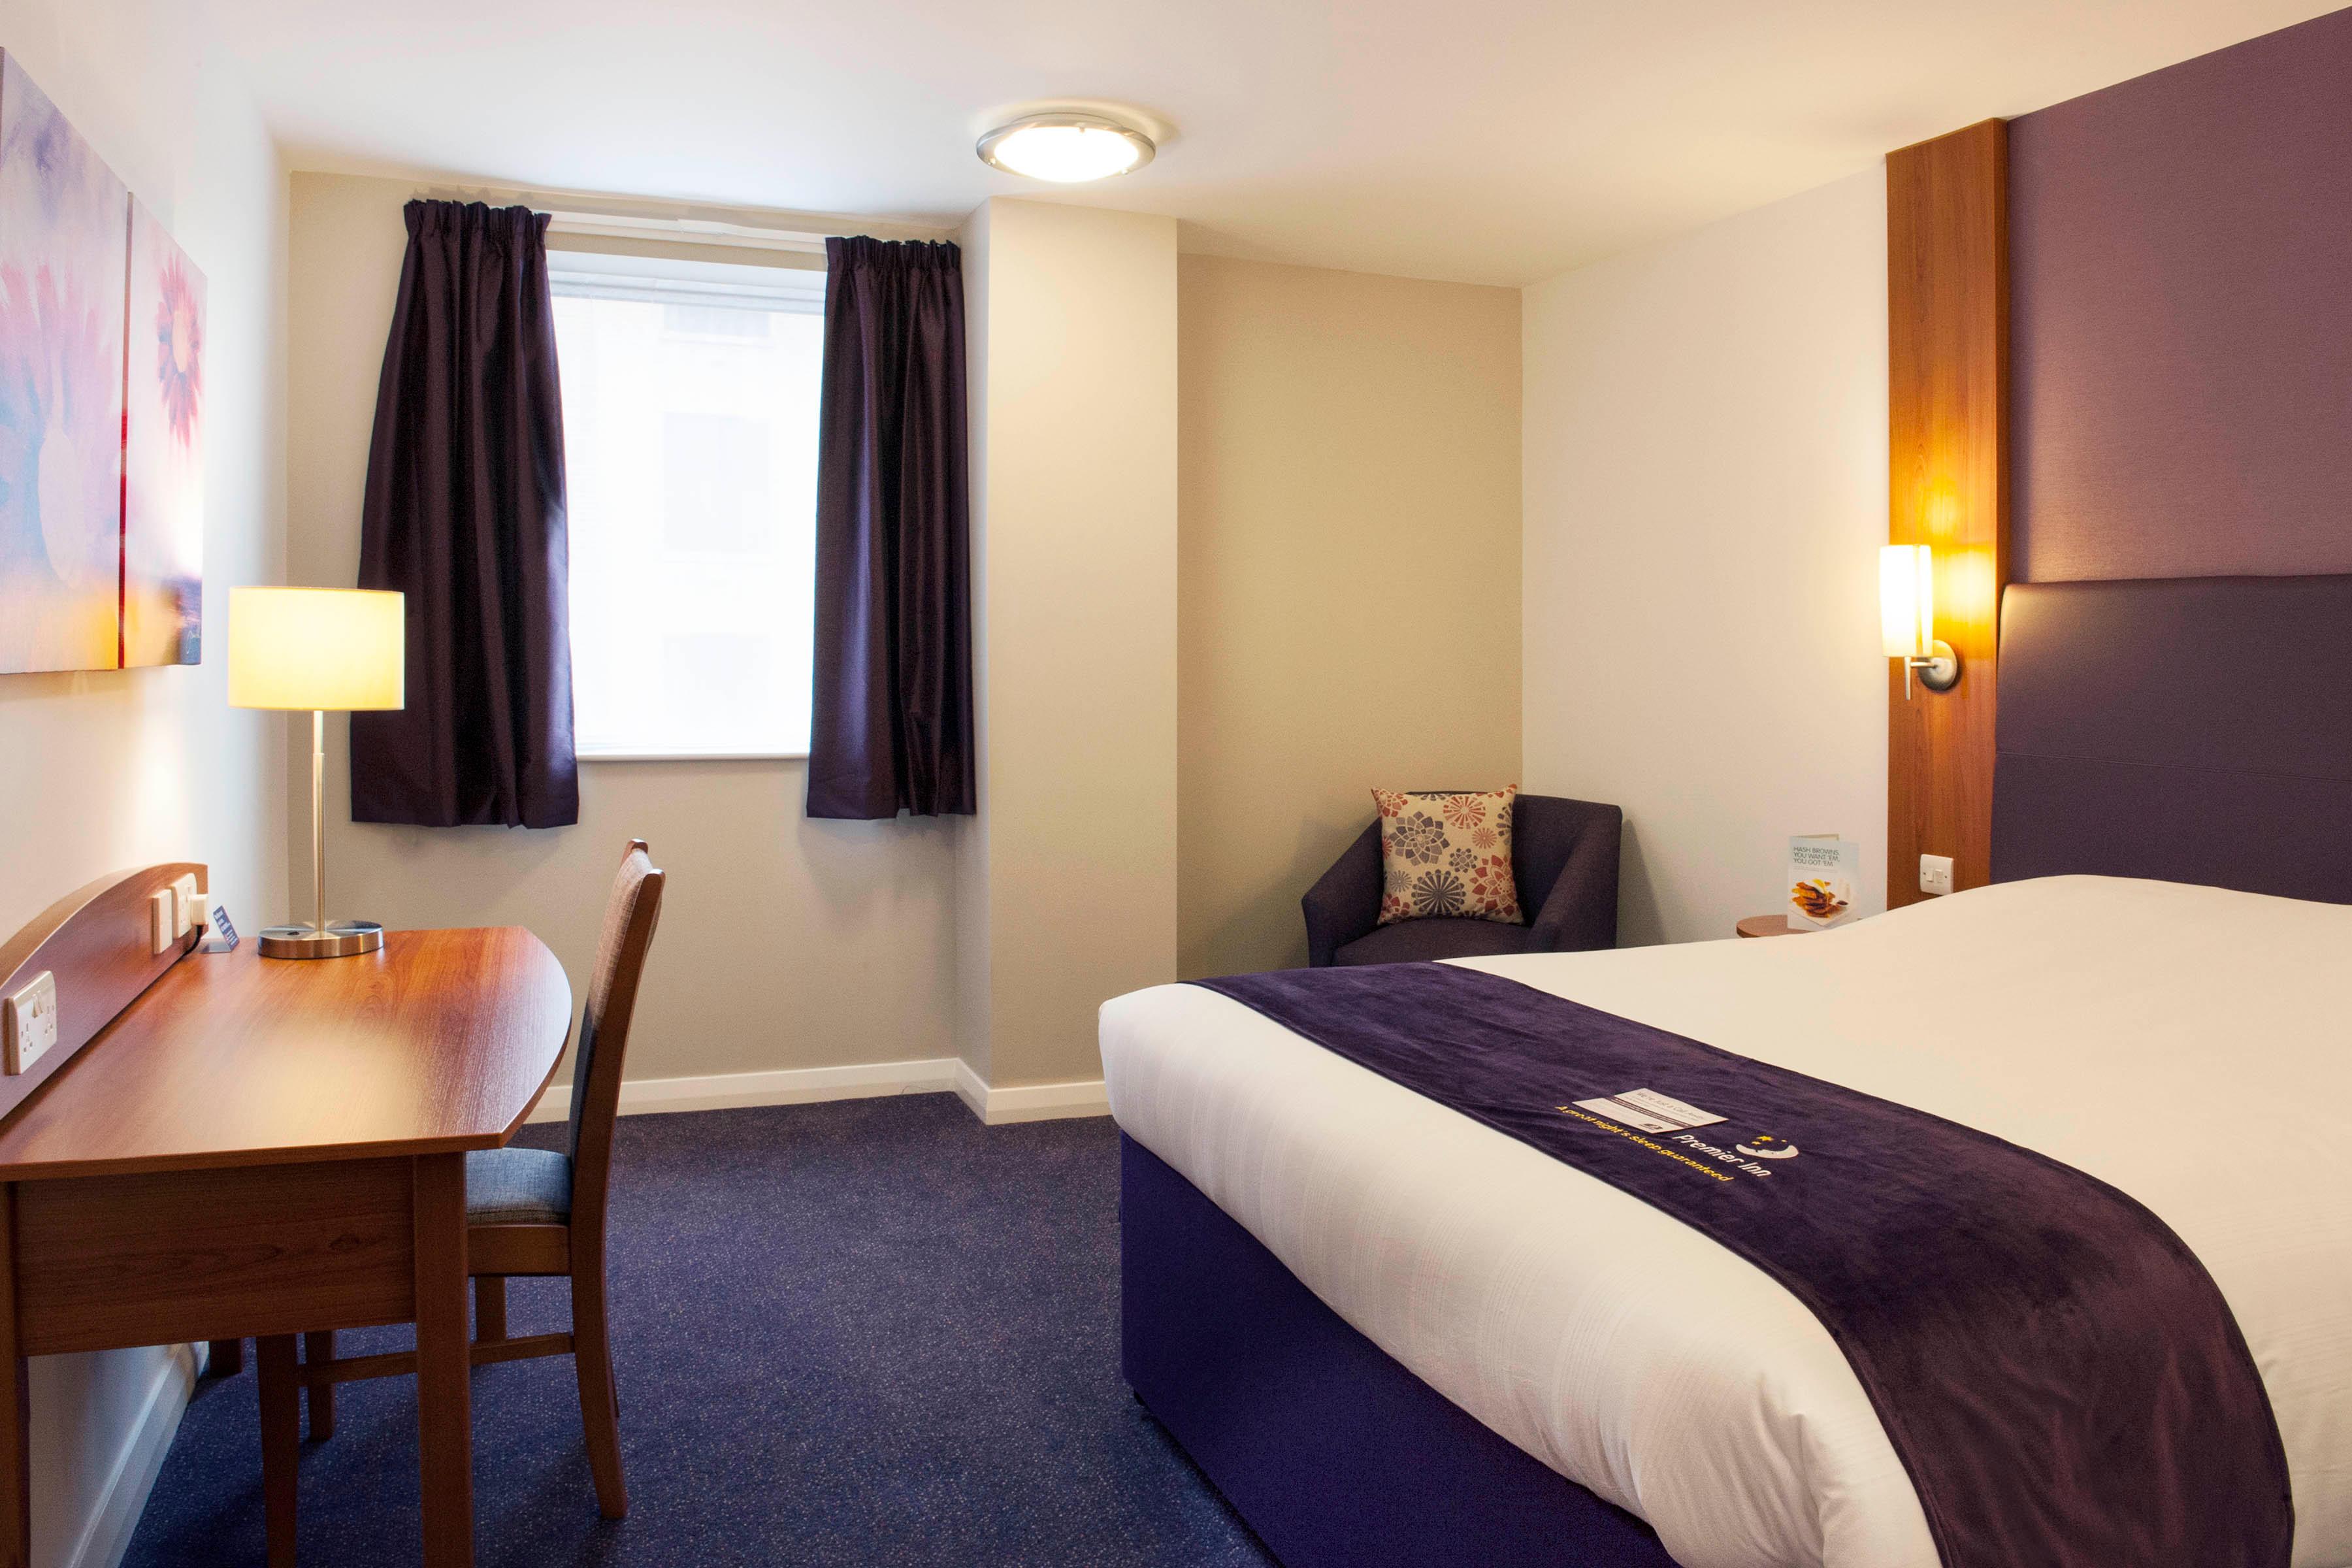 Premier Inn Birmingham City Centre (New St Station) hotel